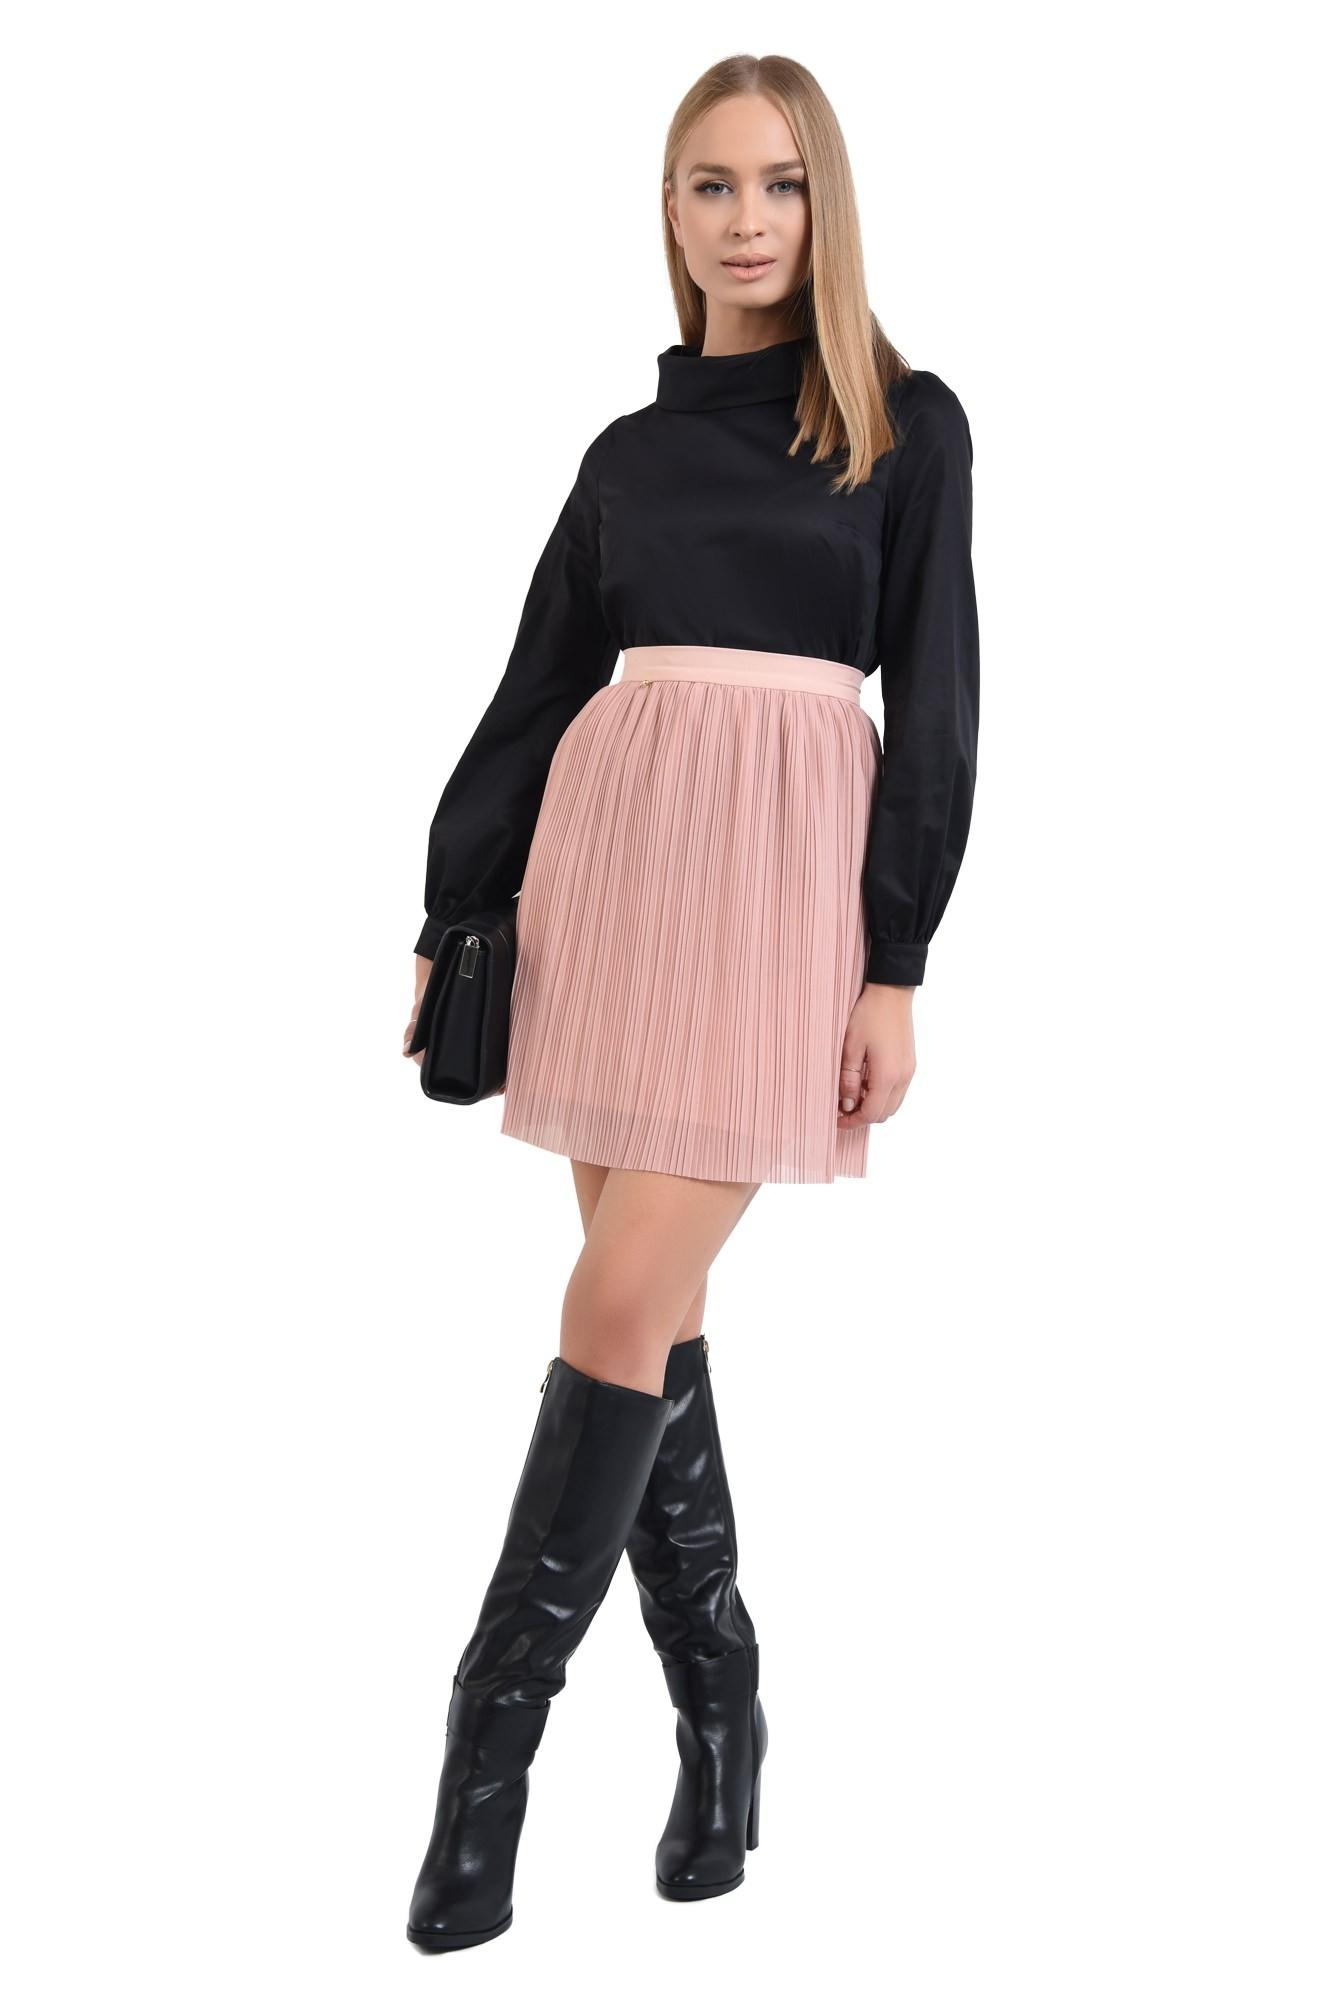 360 - bluza casual, din bumbac, neagra, guler inalt rulat